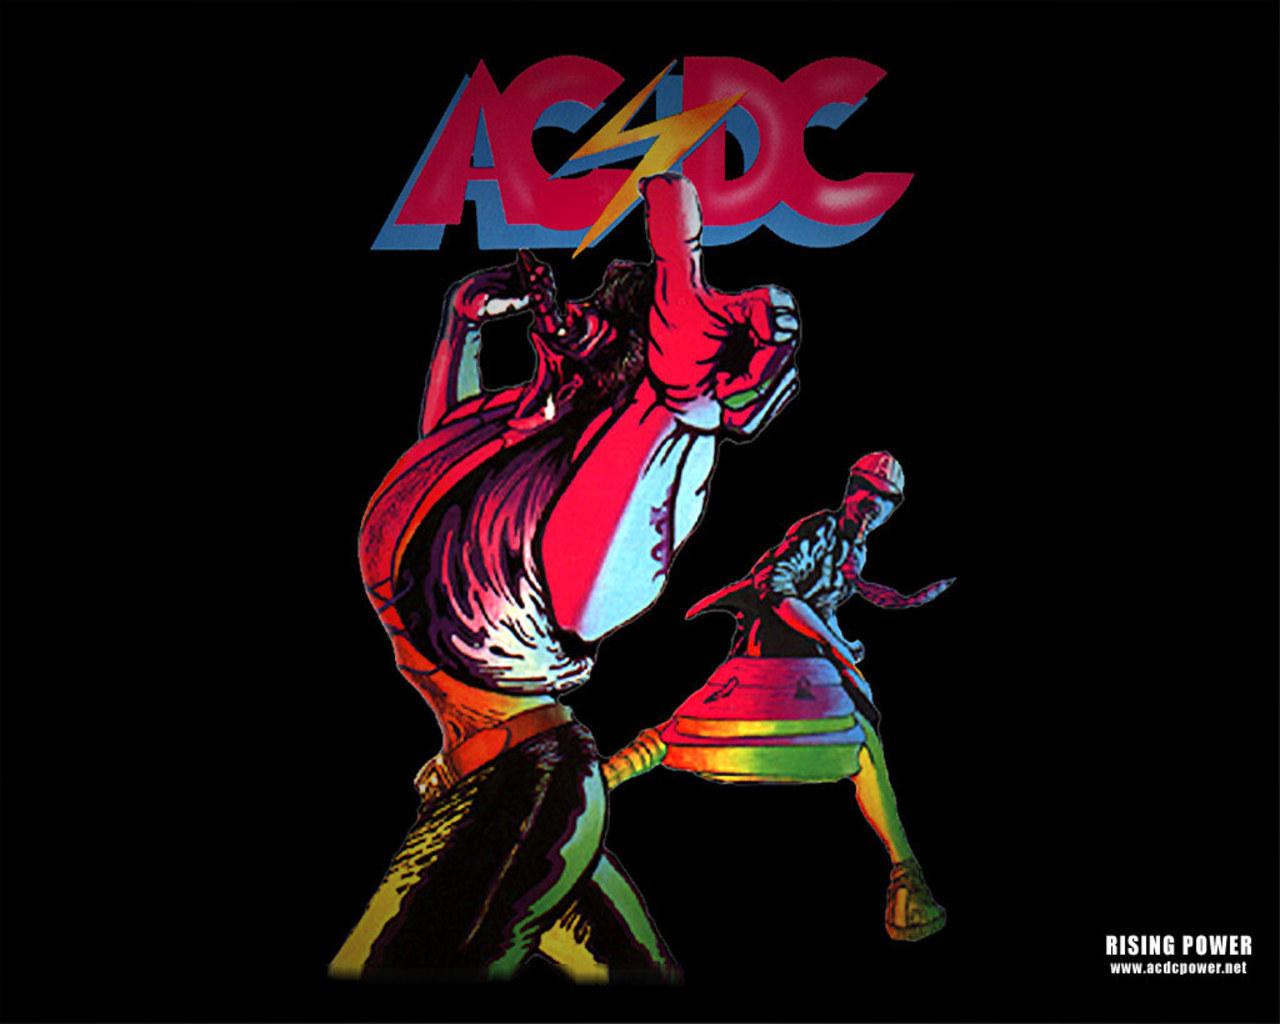 ACDC Wallpaper   Classic Rock Wallpaper 20405175 1280x1024